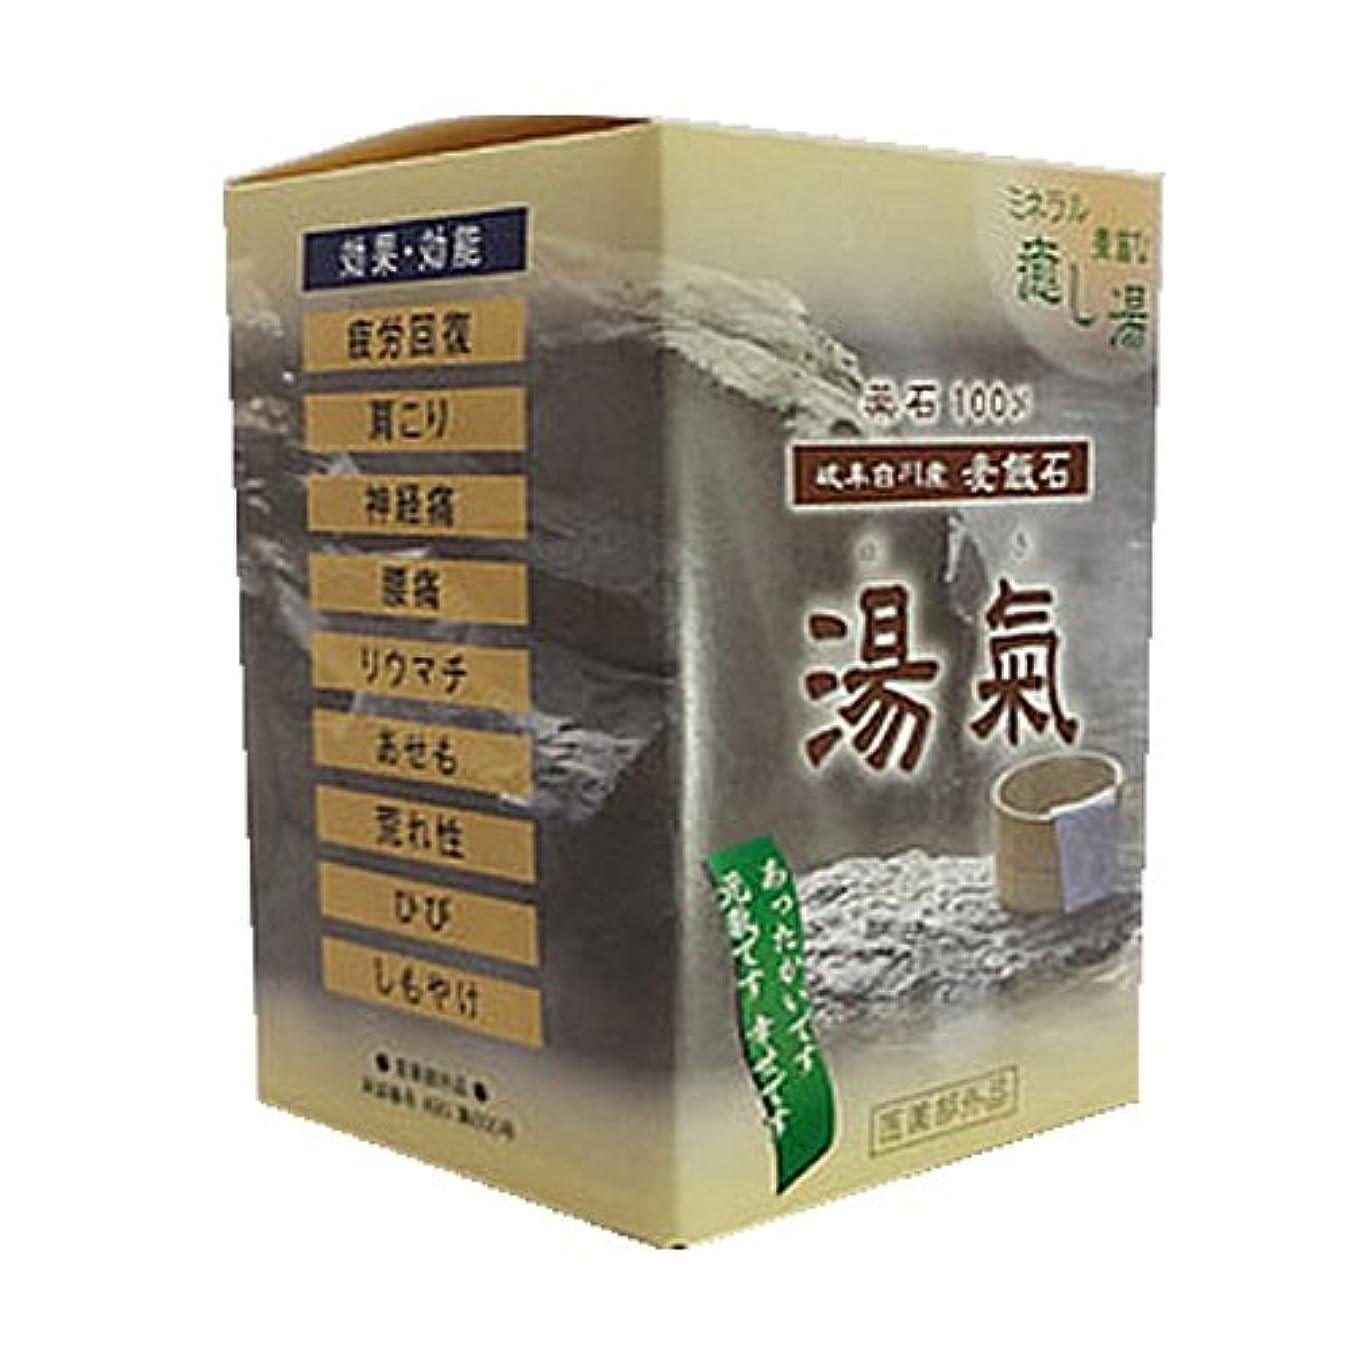 レスリング全滅させる過去医薬部外品 岐阜白川産麦飯石 湯気(ゆき) K11781